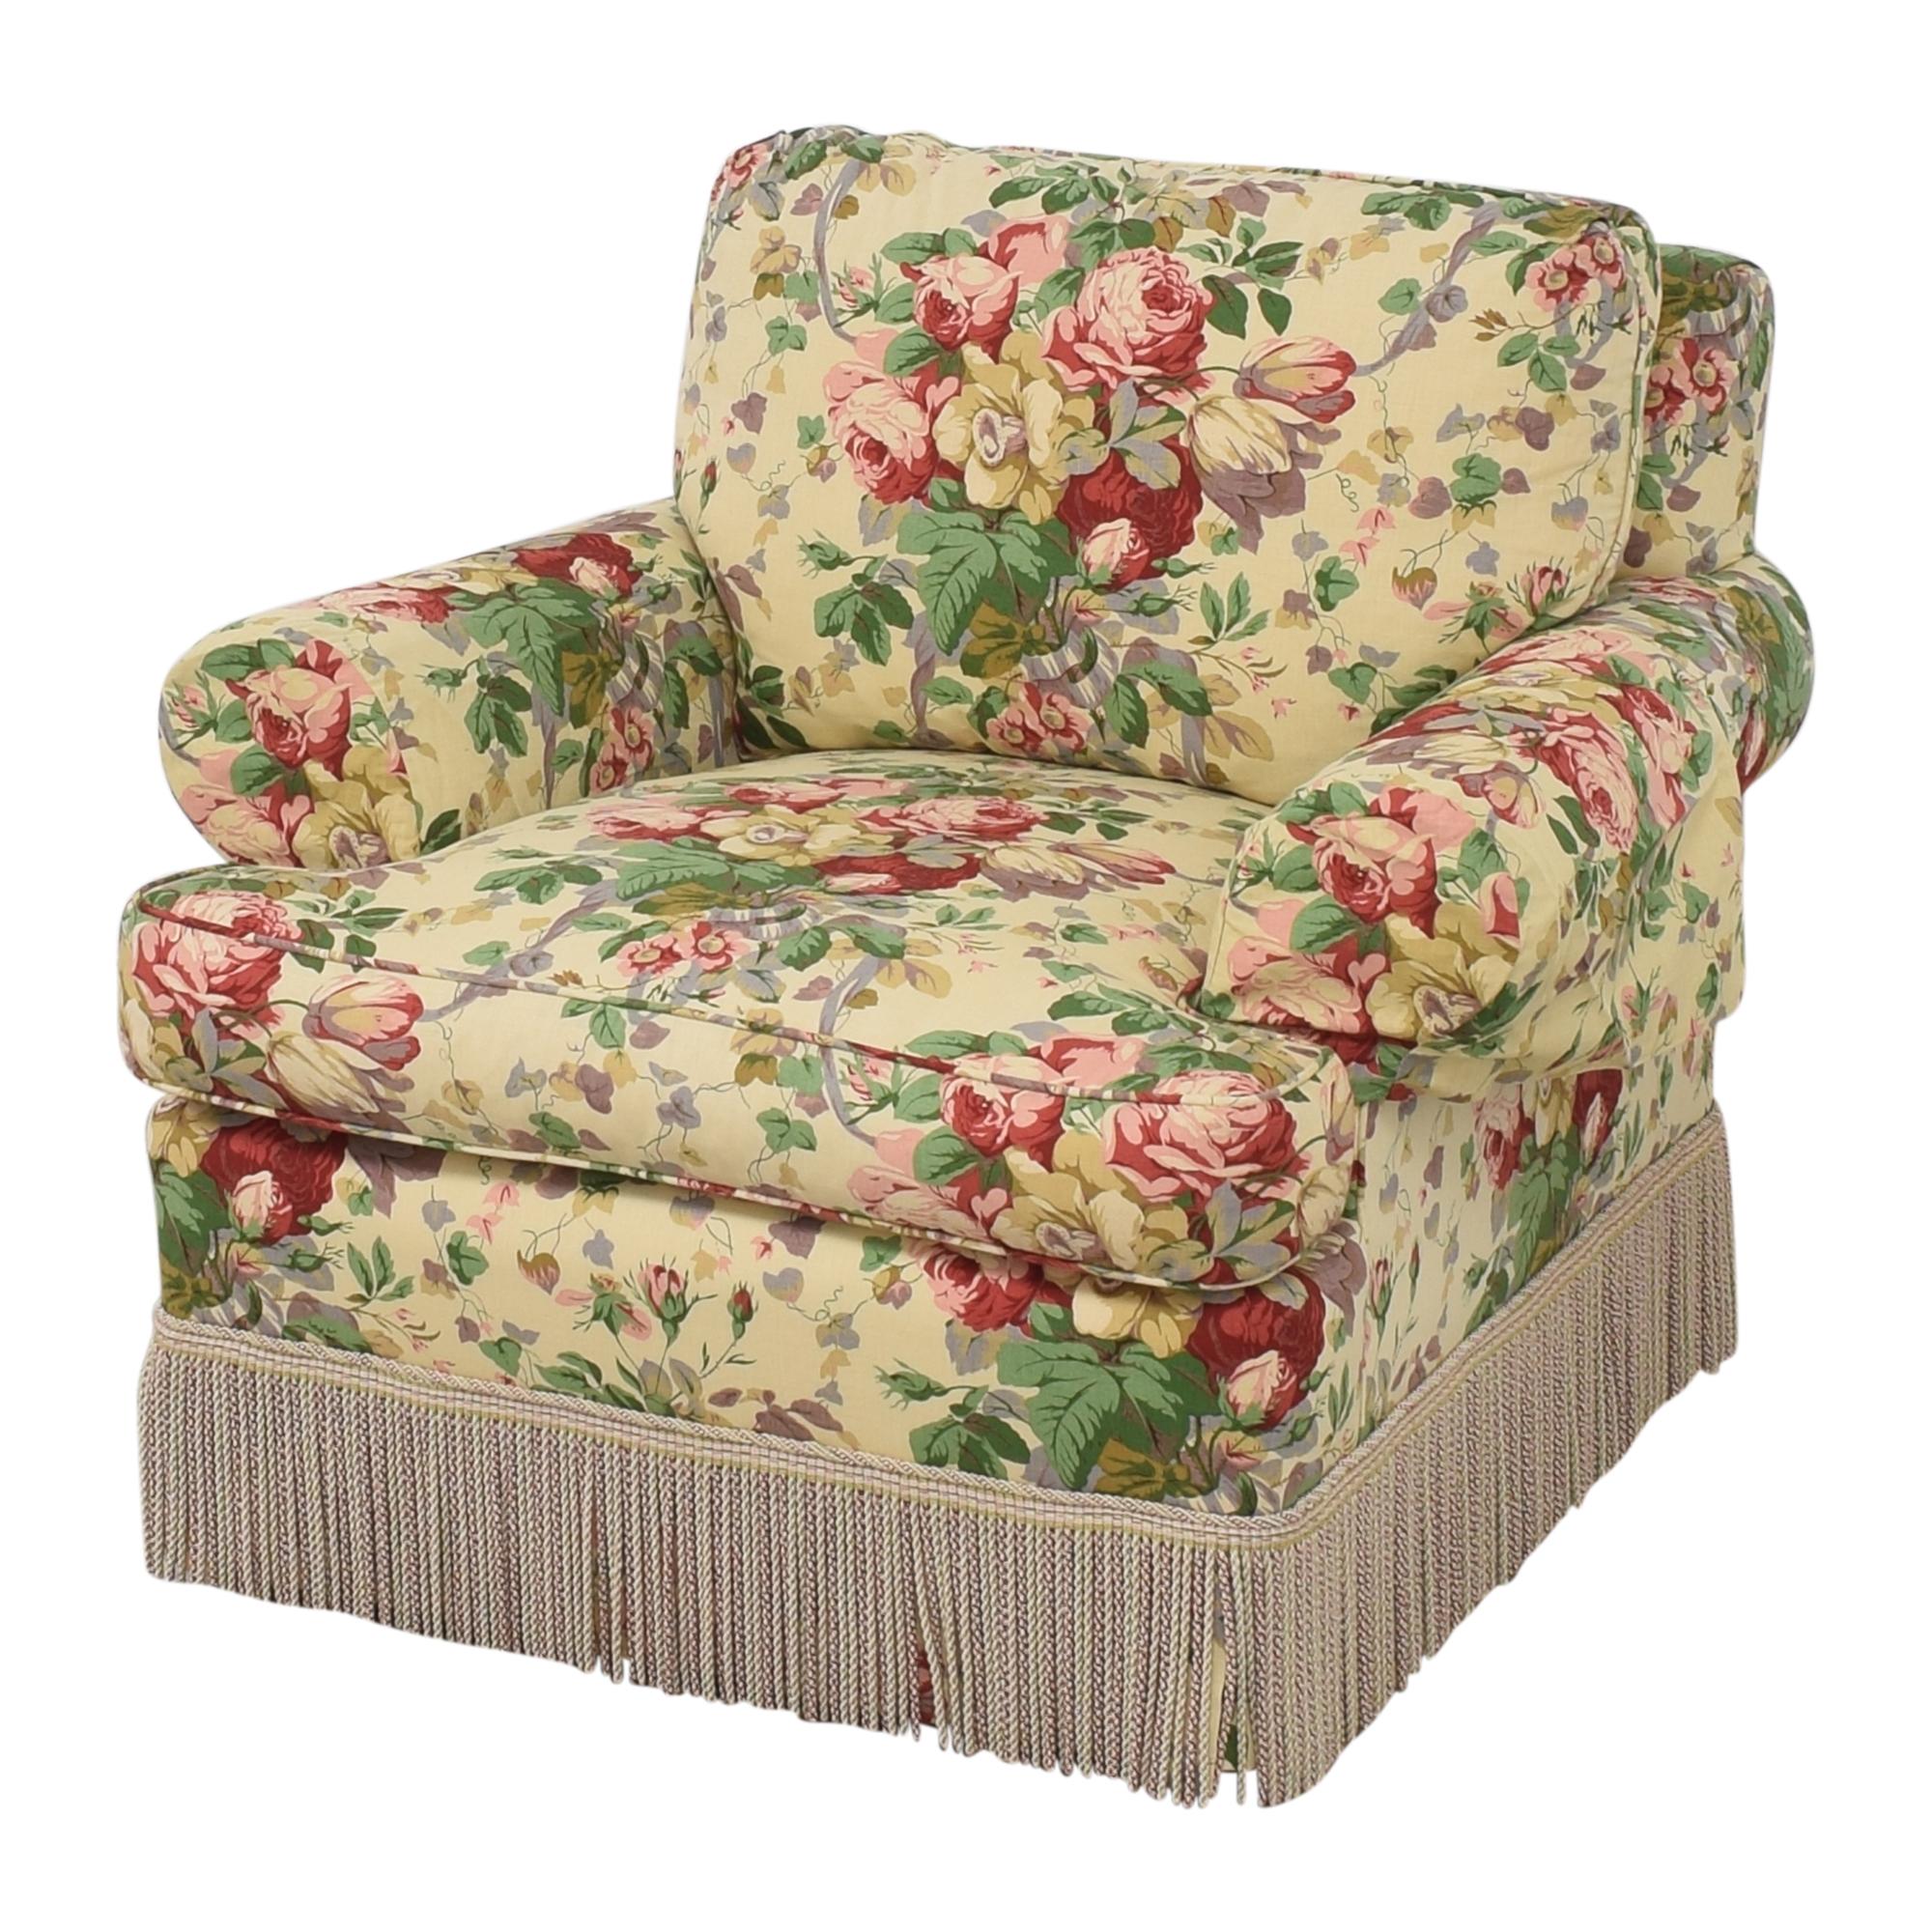 Lee Jofa Lee Jofa Floral Club Chair ct